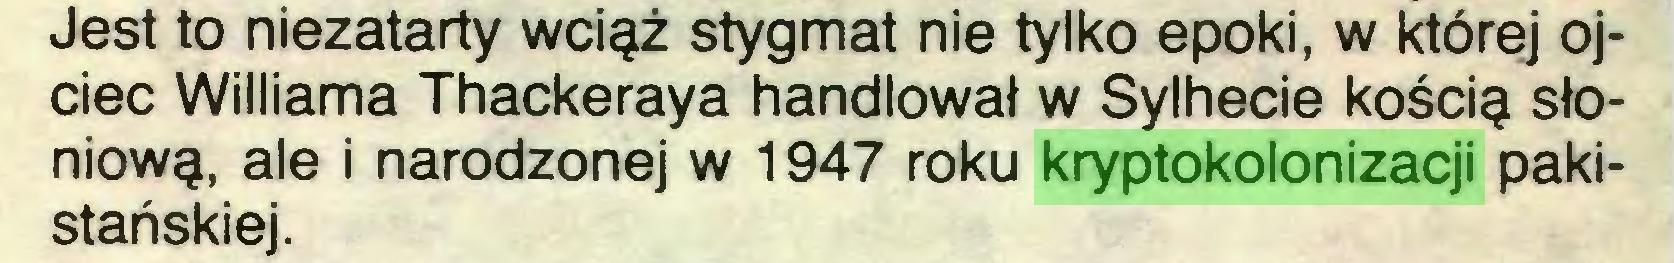 (...) Jest to niezatarty wciąż stygmat nie tylko epoki, w której ojciec Williama Thackeraya handlował w Sylhecie kością słoniową, ale i narodzonej w 1947 roku kryptokolonizacji pakistańskiej...